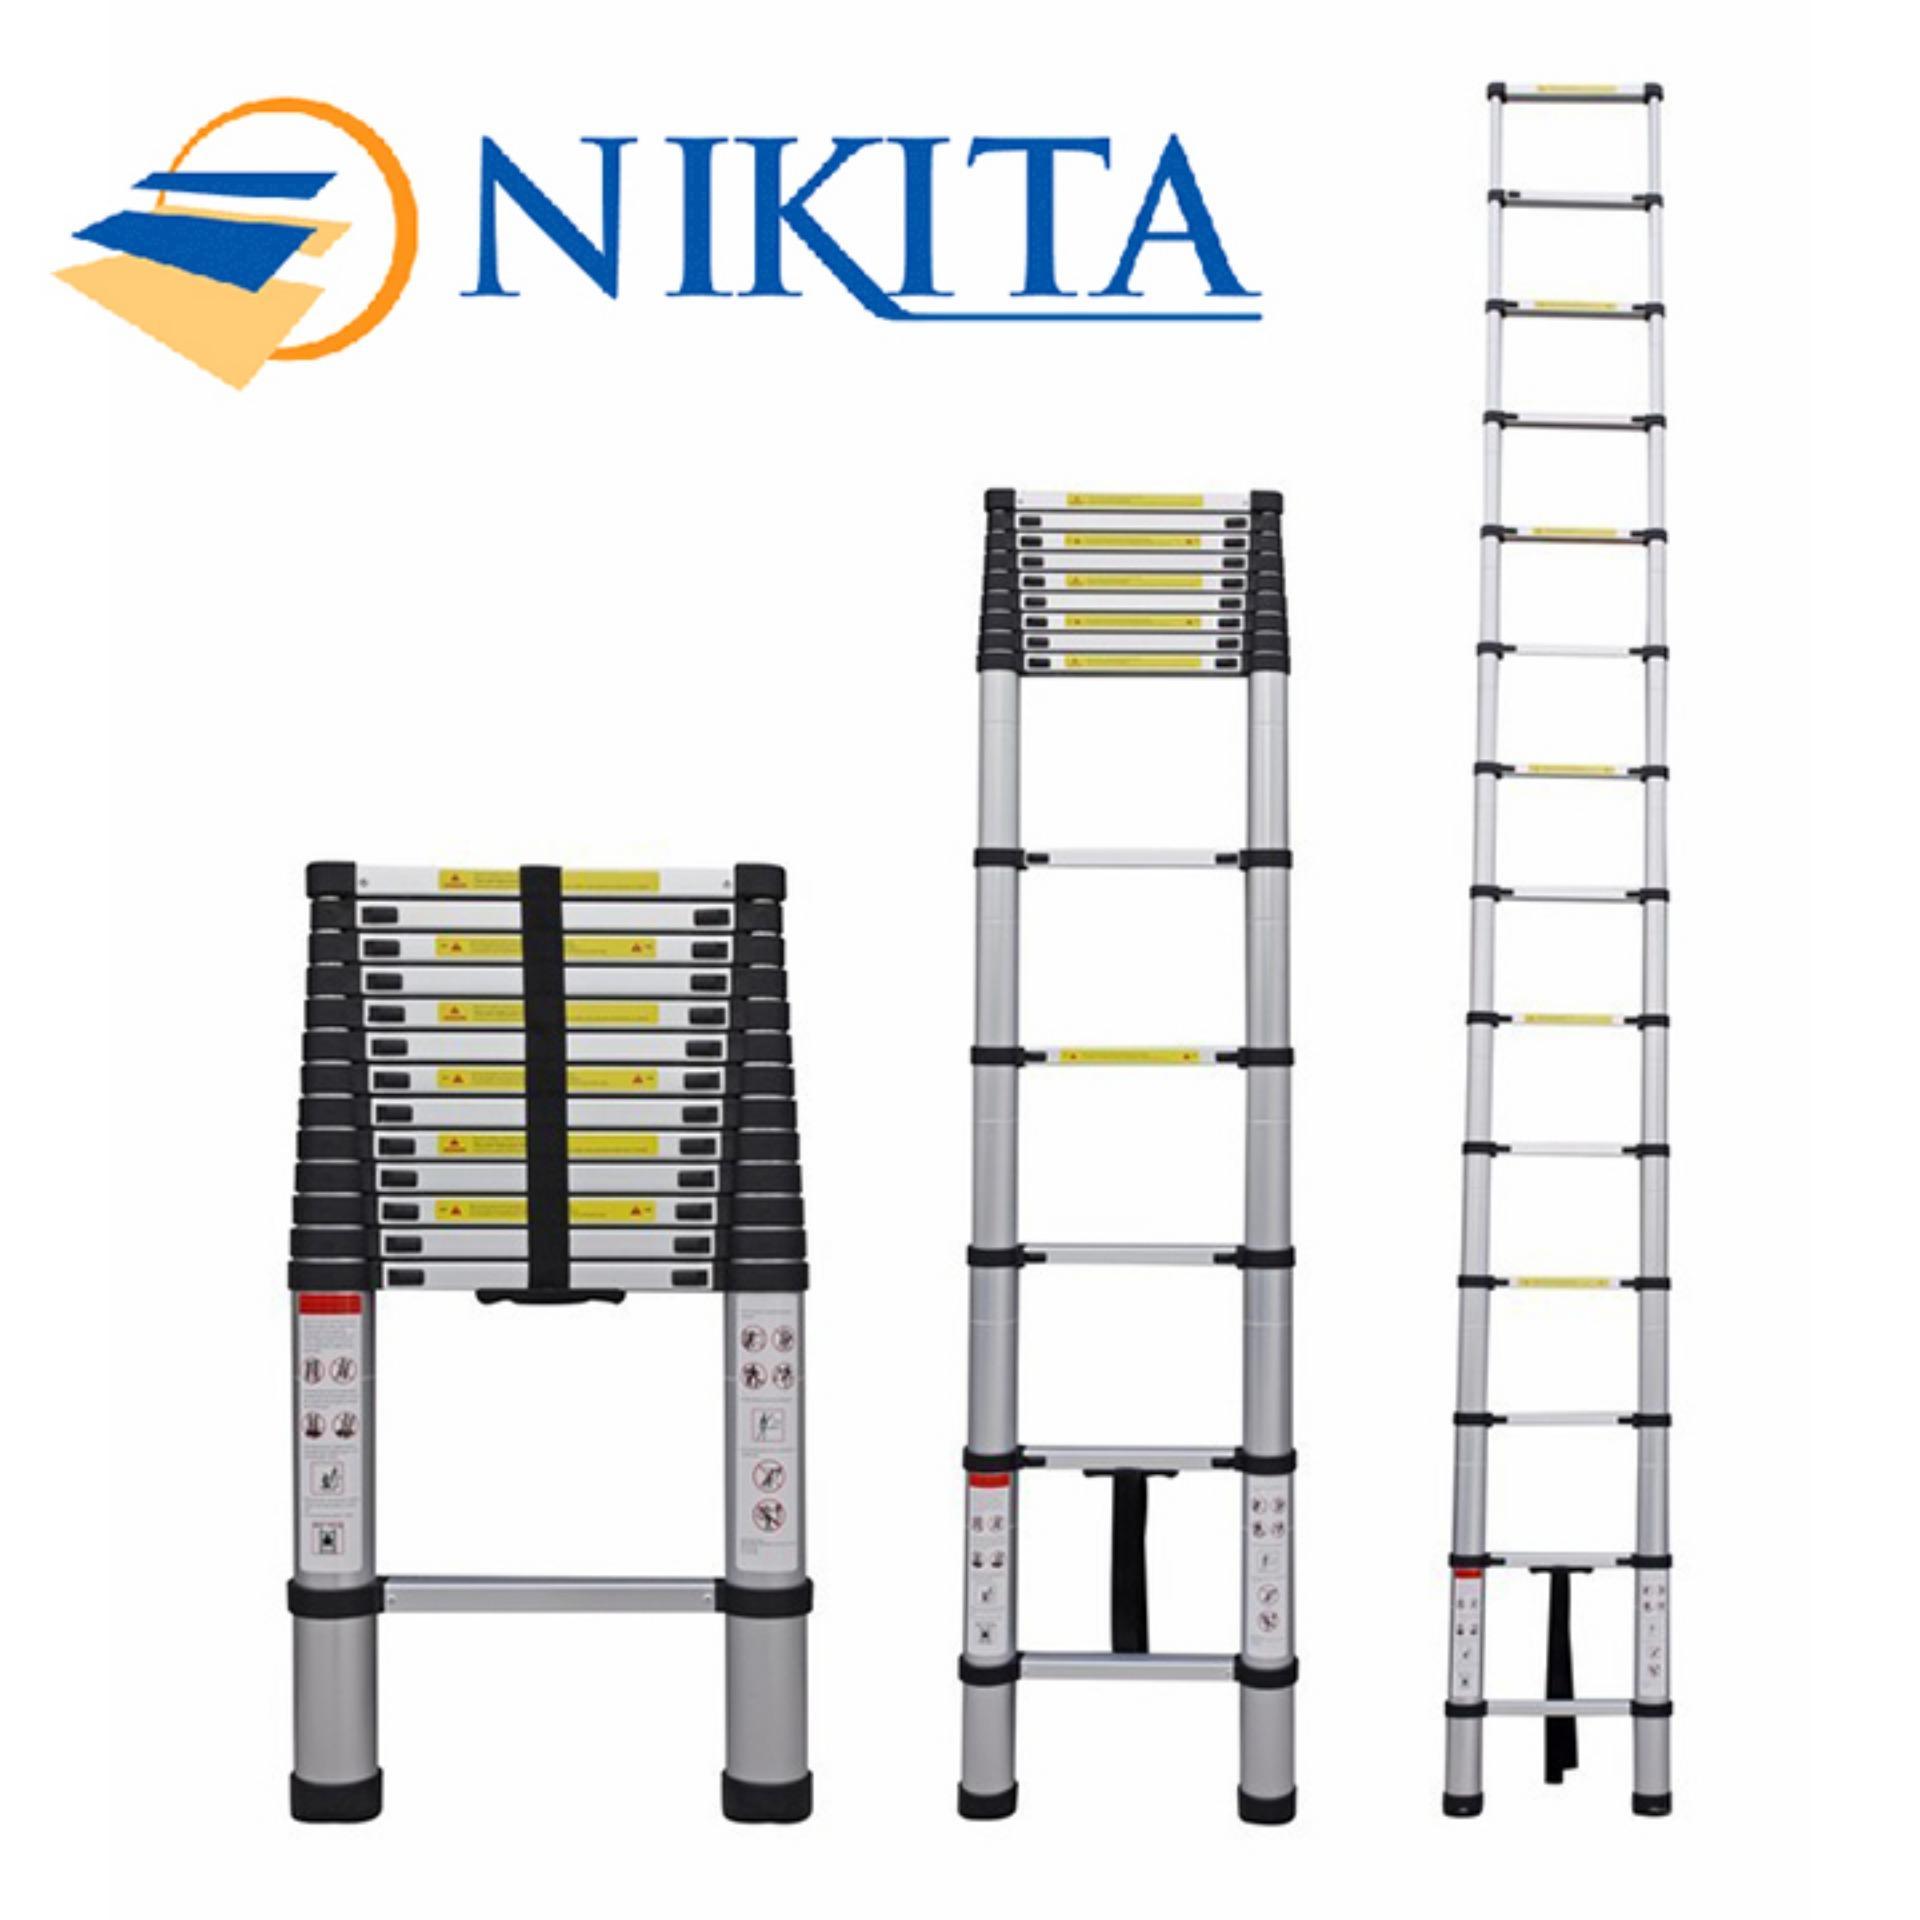 Thang nhôm rút đơn Nikita Nhật Bản KNR44 - 4,4m 15 bậc tải trọng 150kg